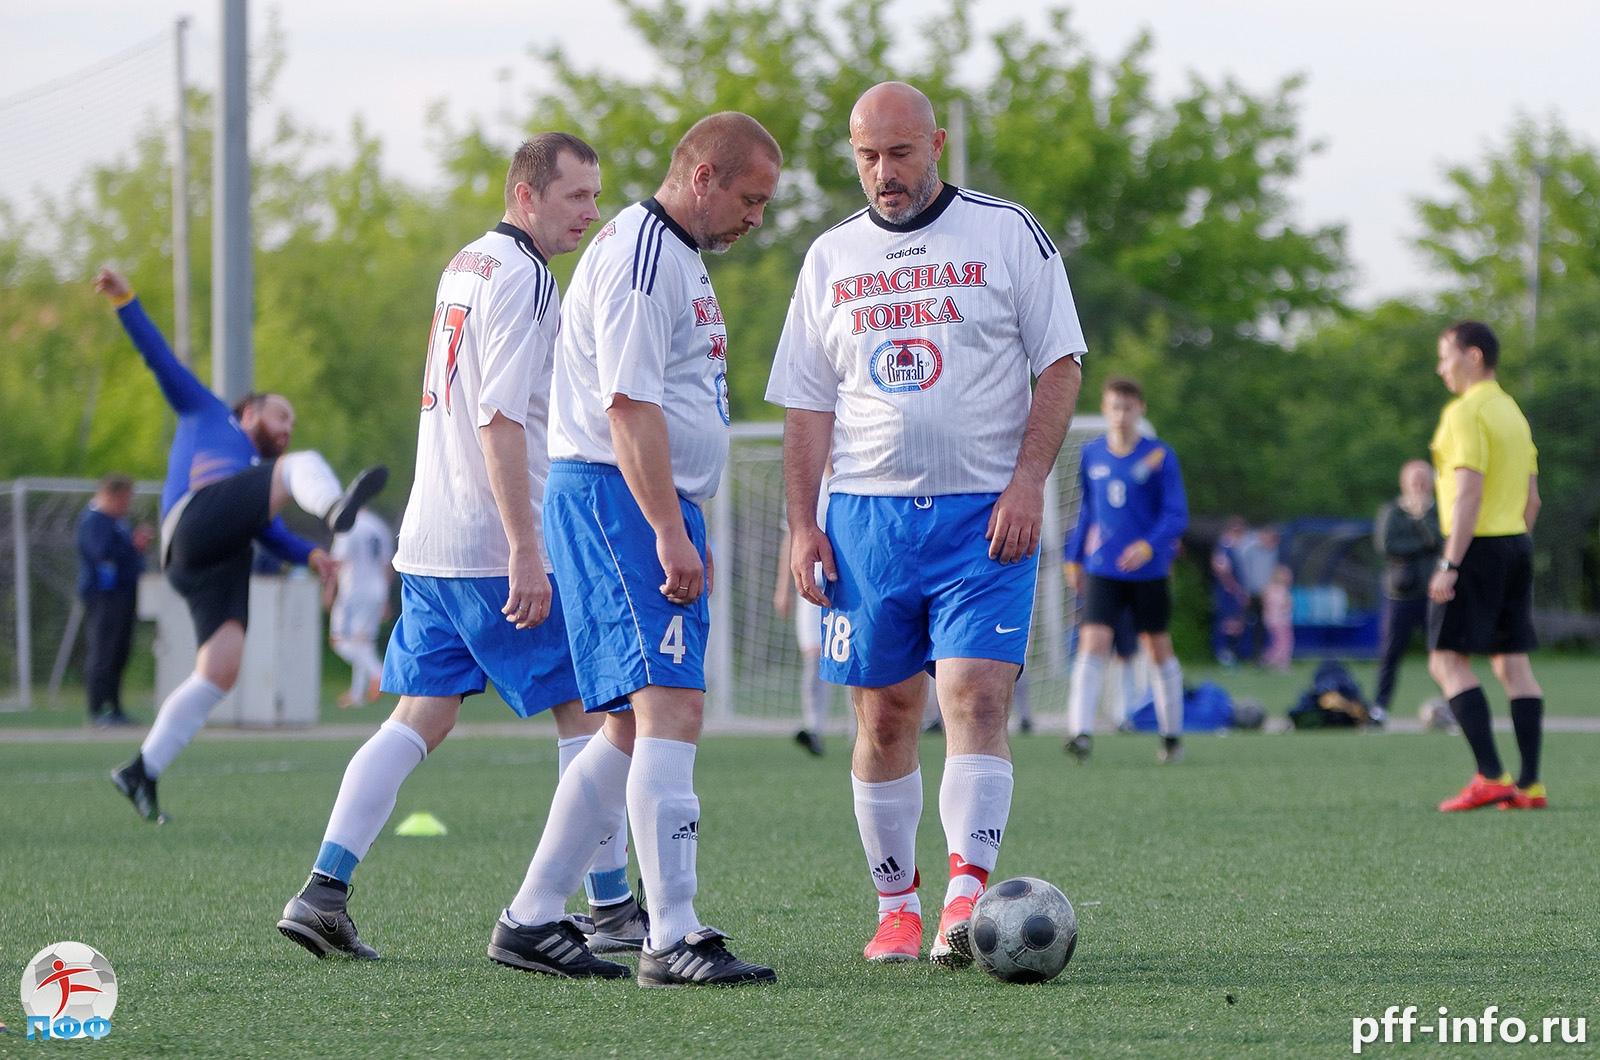 Первая лига ТДК. 1 тур Второго этапа. Матч тура